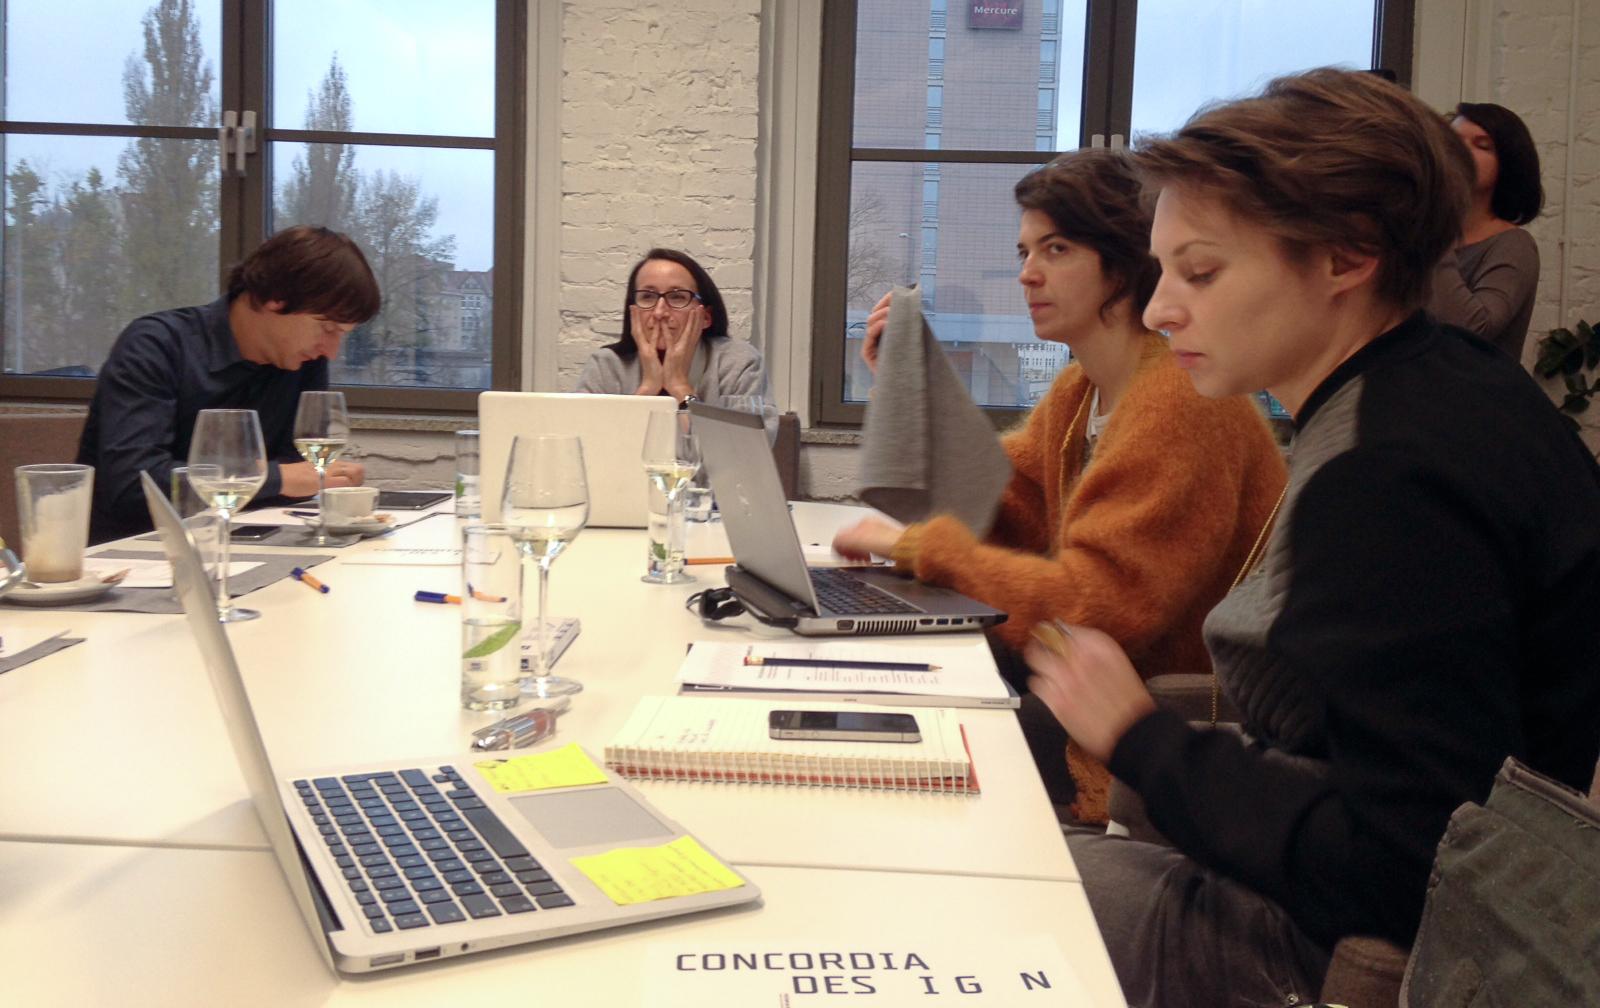 Kapituła Design Alive Awards w czasie obrad w poznańskiej Concordii Design.